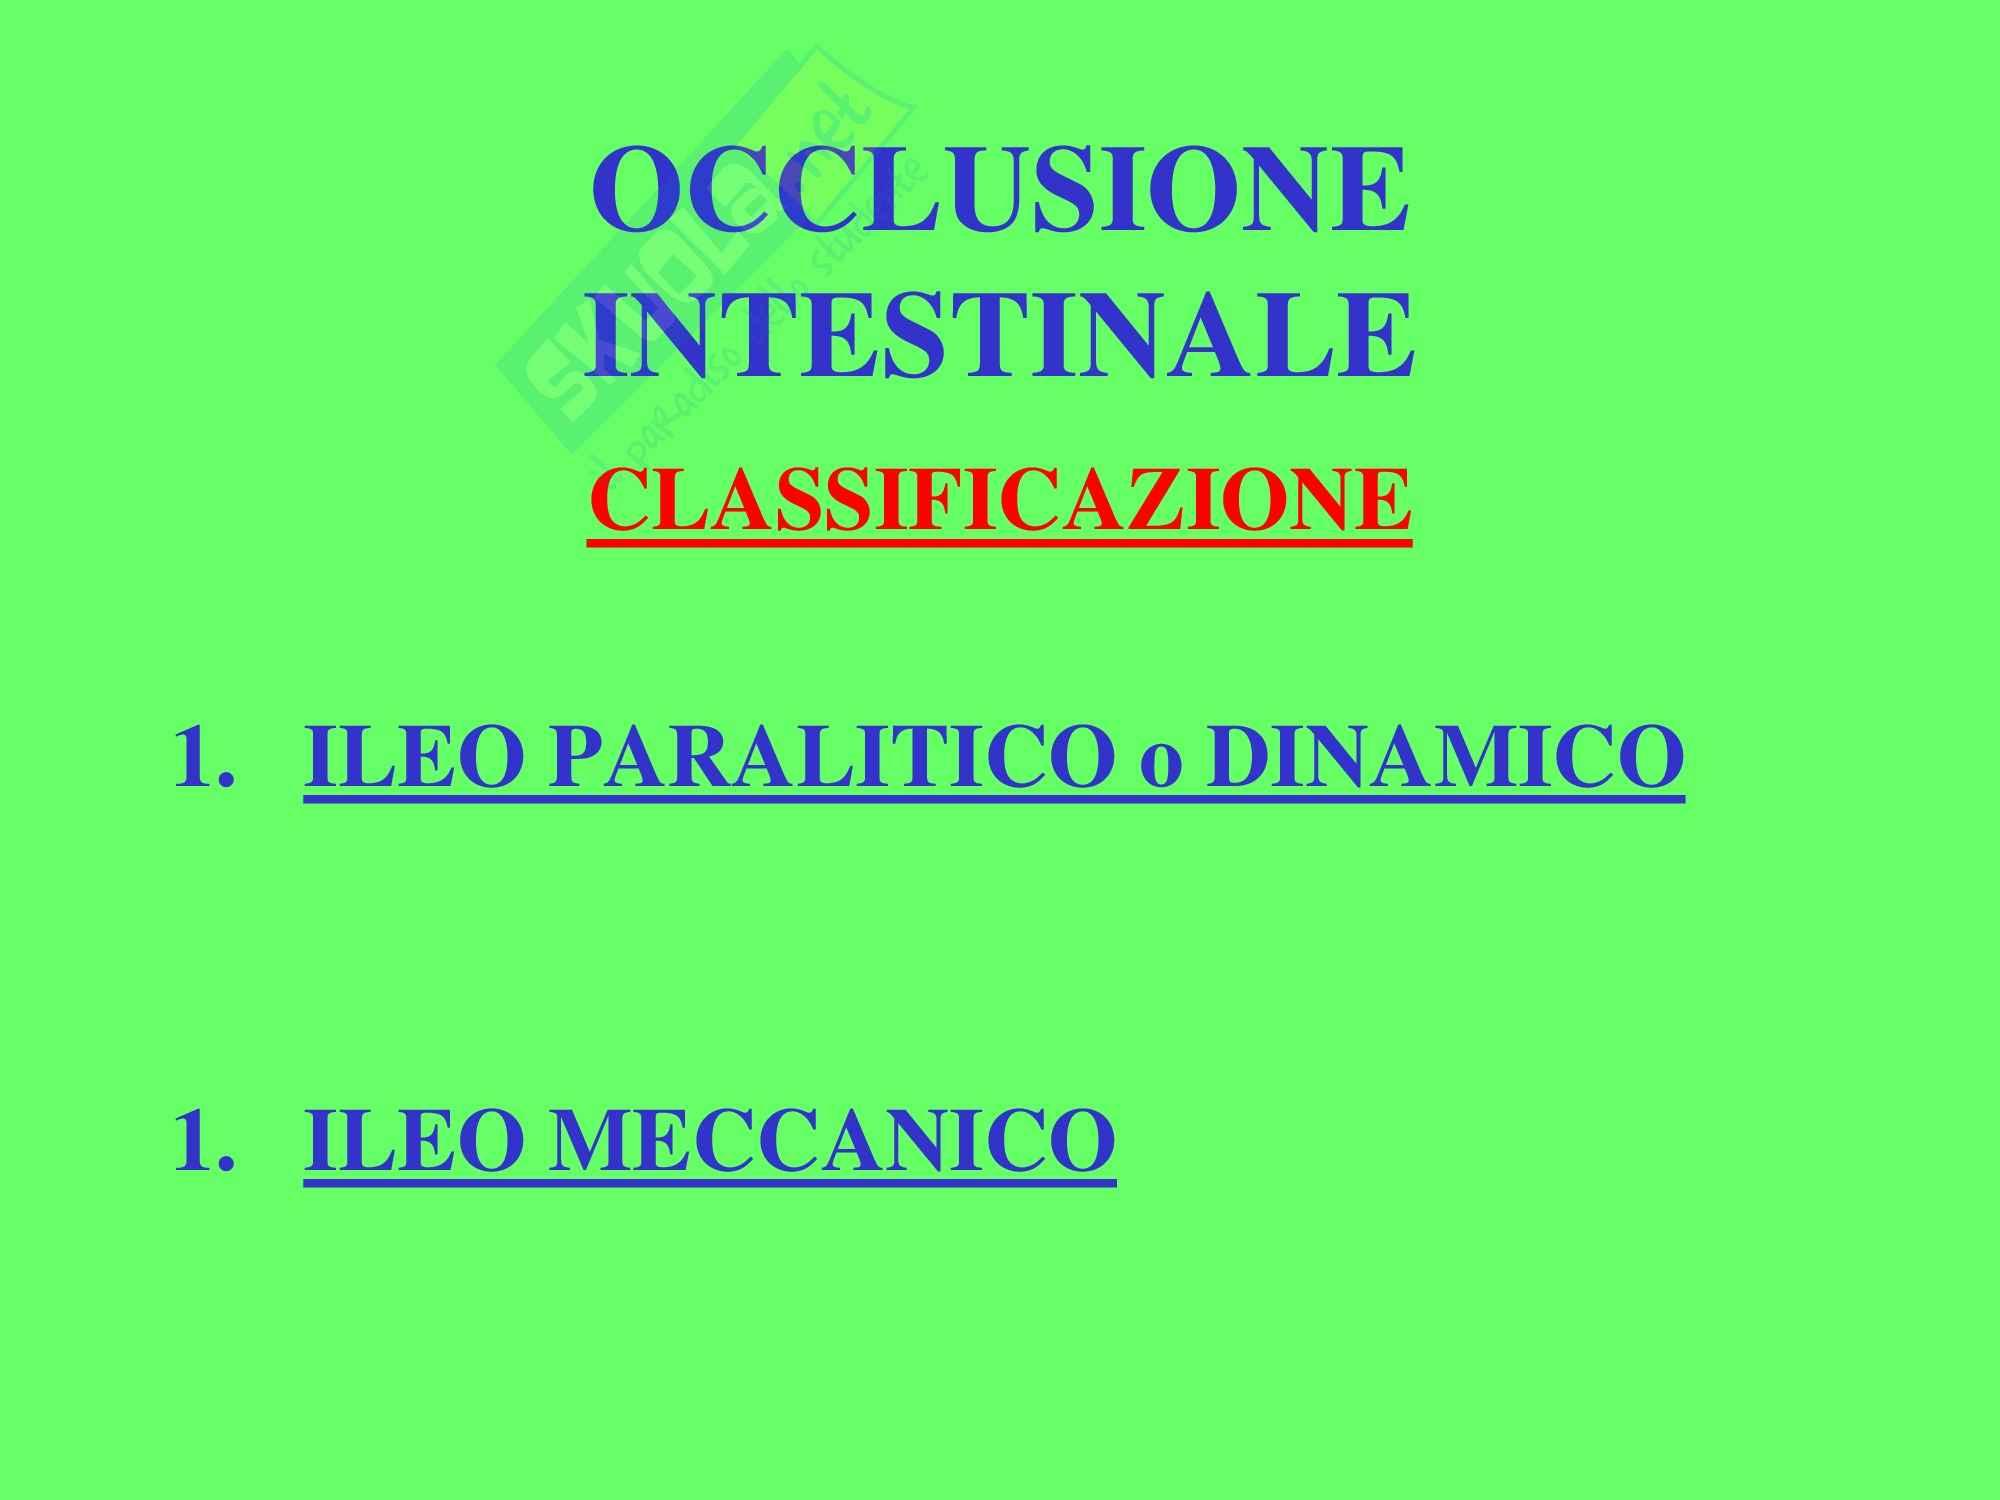 Chirurgia dell'apparato digerente - Occlusione Intestinale Pag. 2